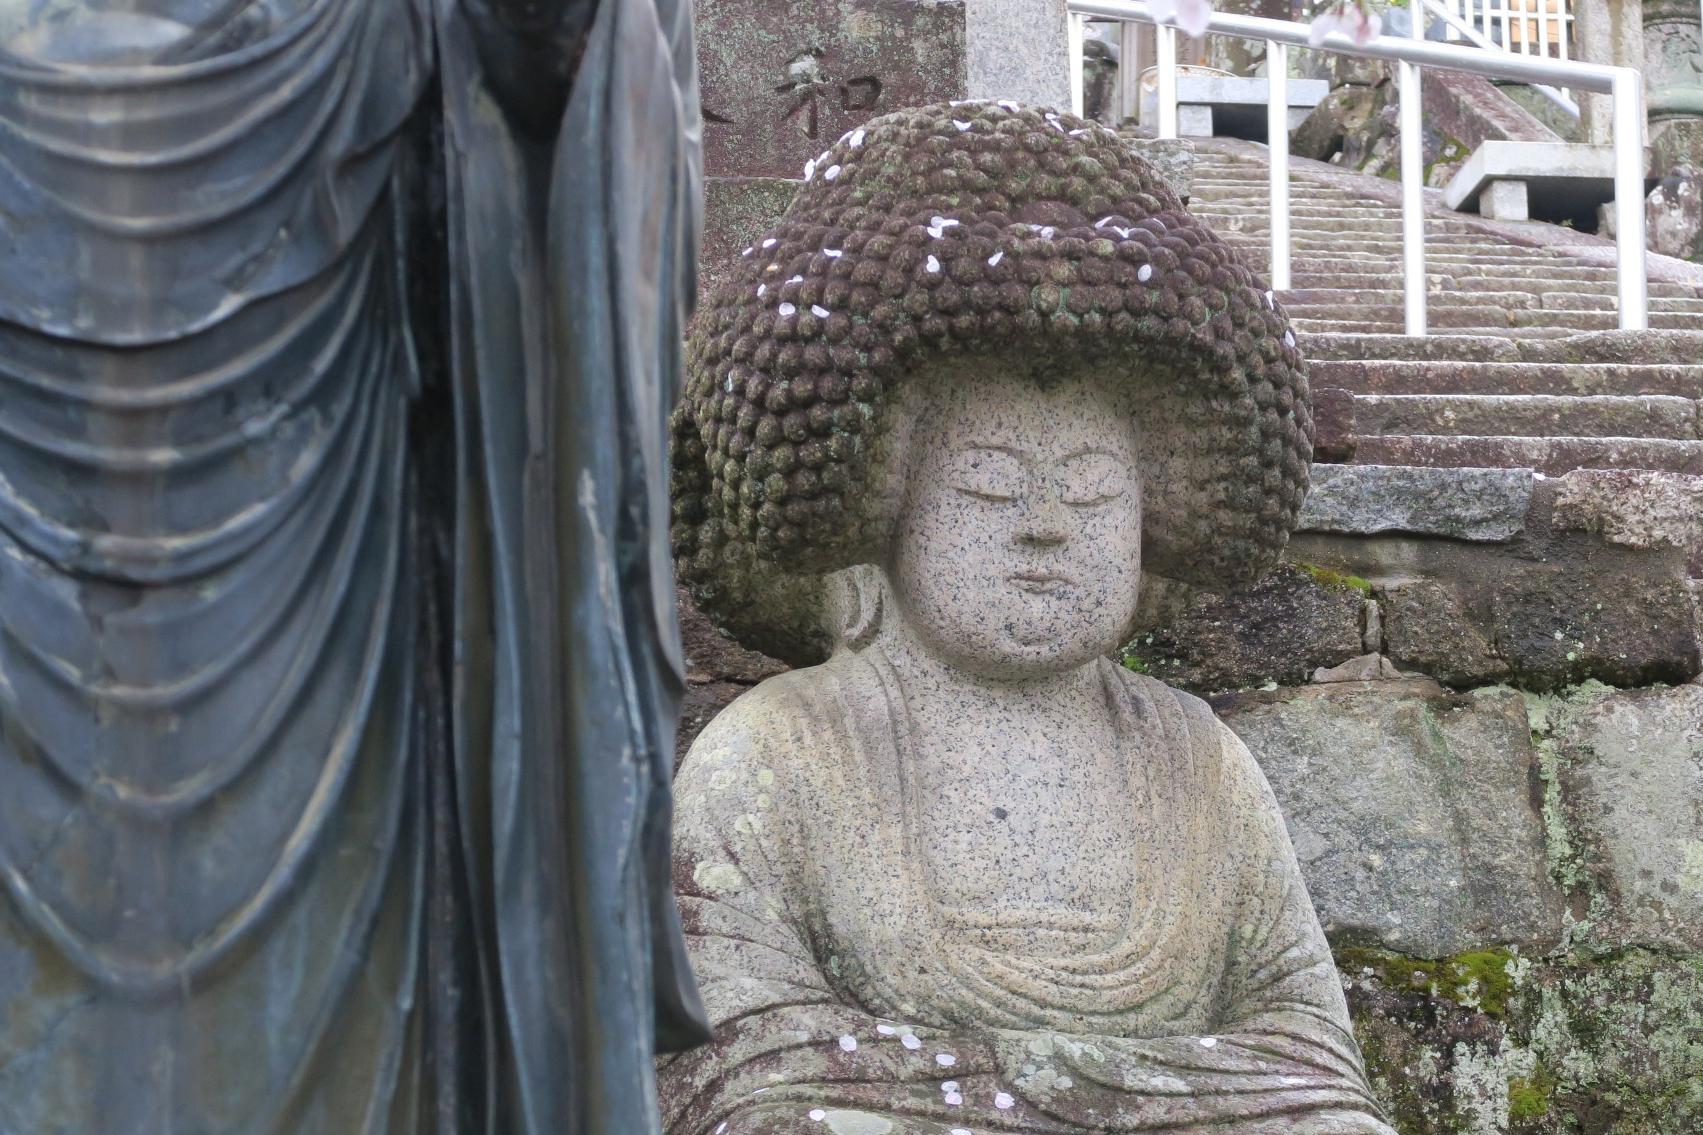 金戒光明寺で有名なアフロヘアの石仏。桜の花びらがアフロヘアに。。。